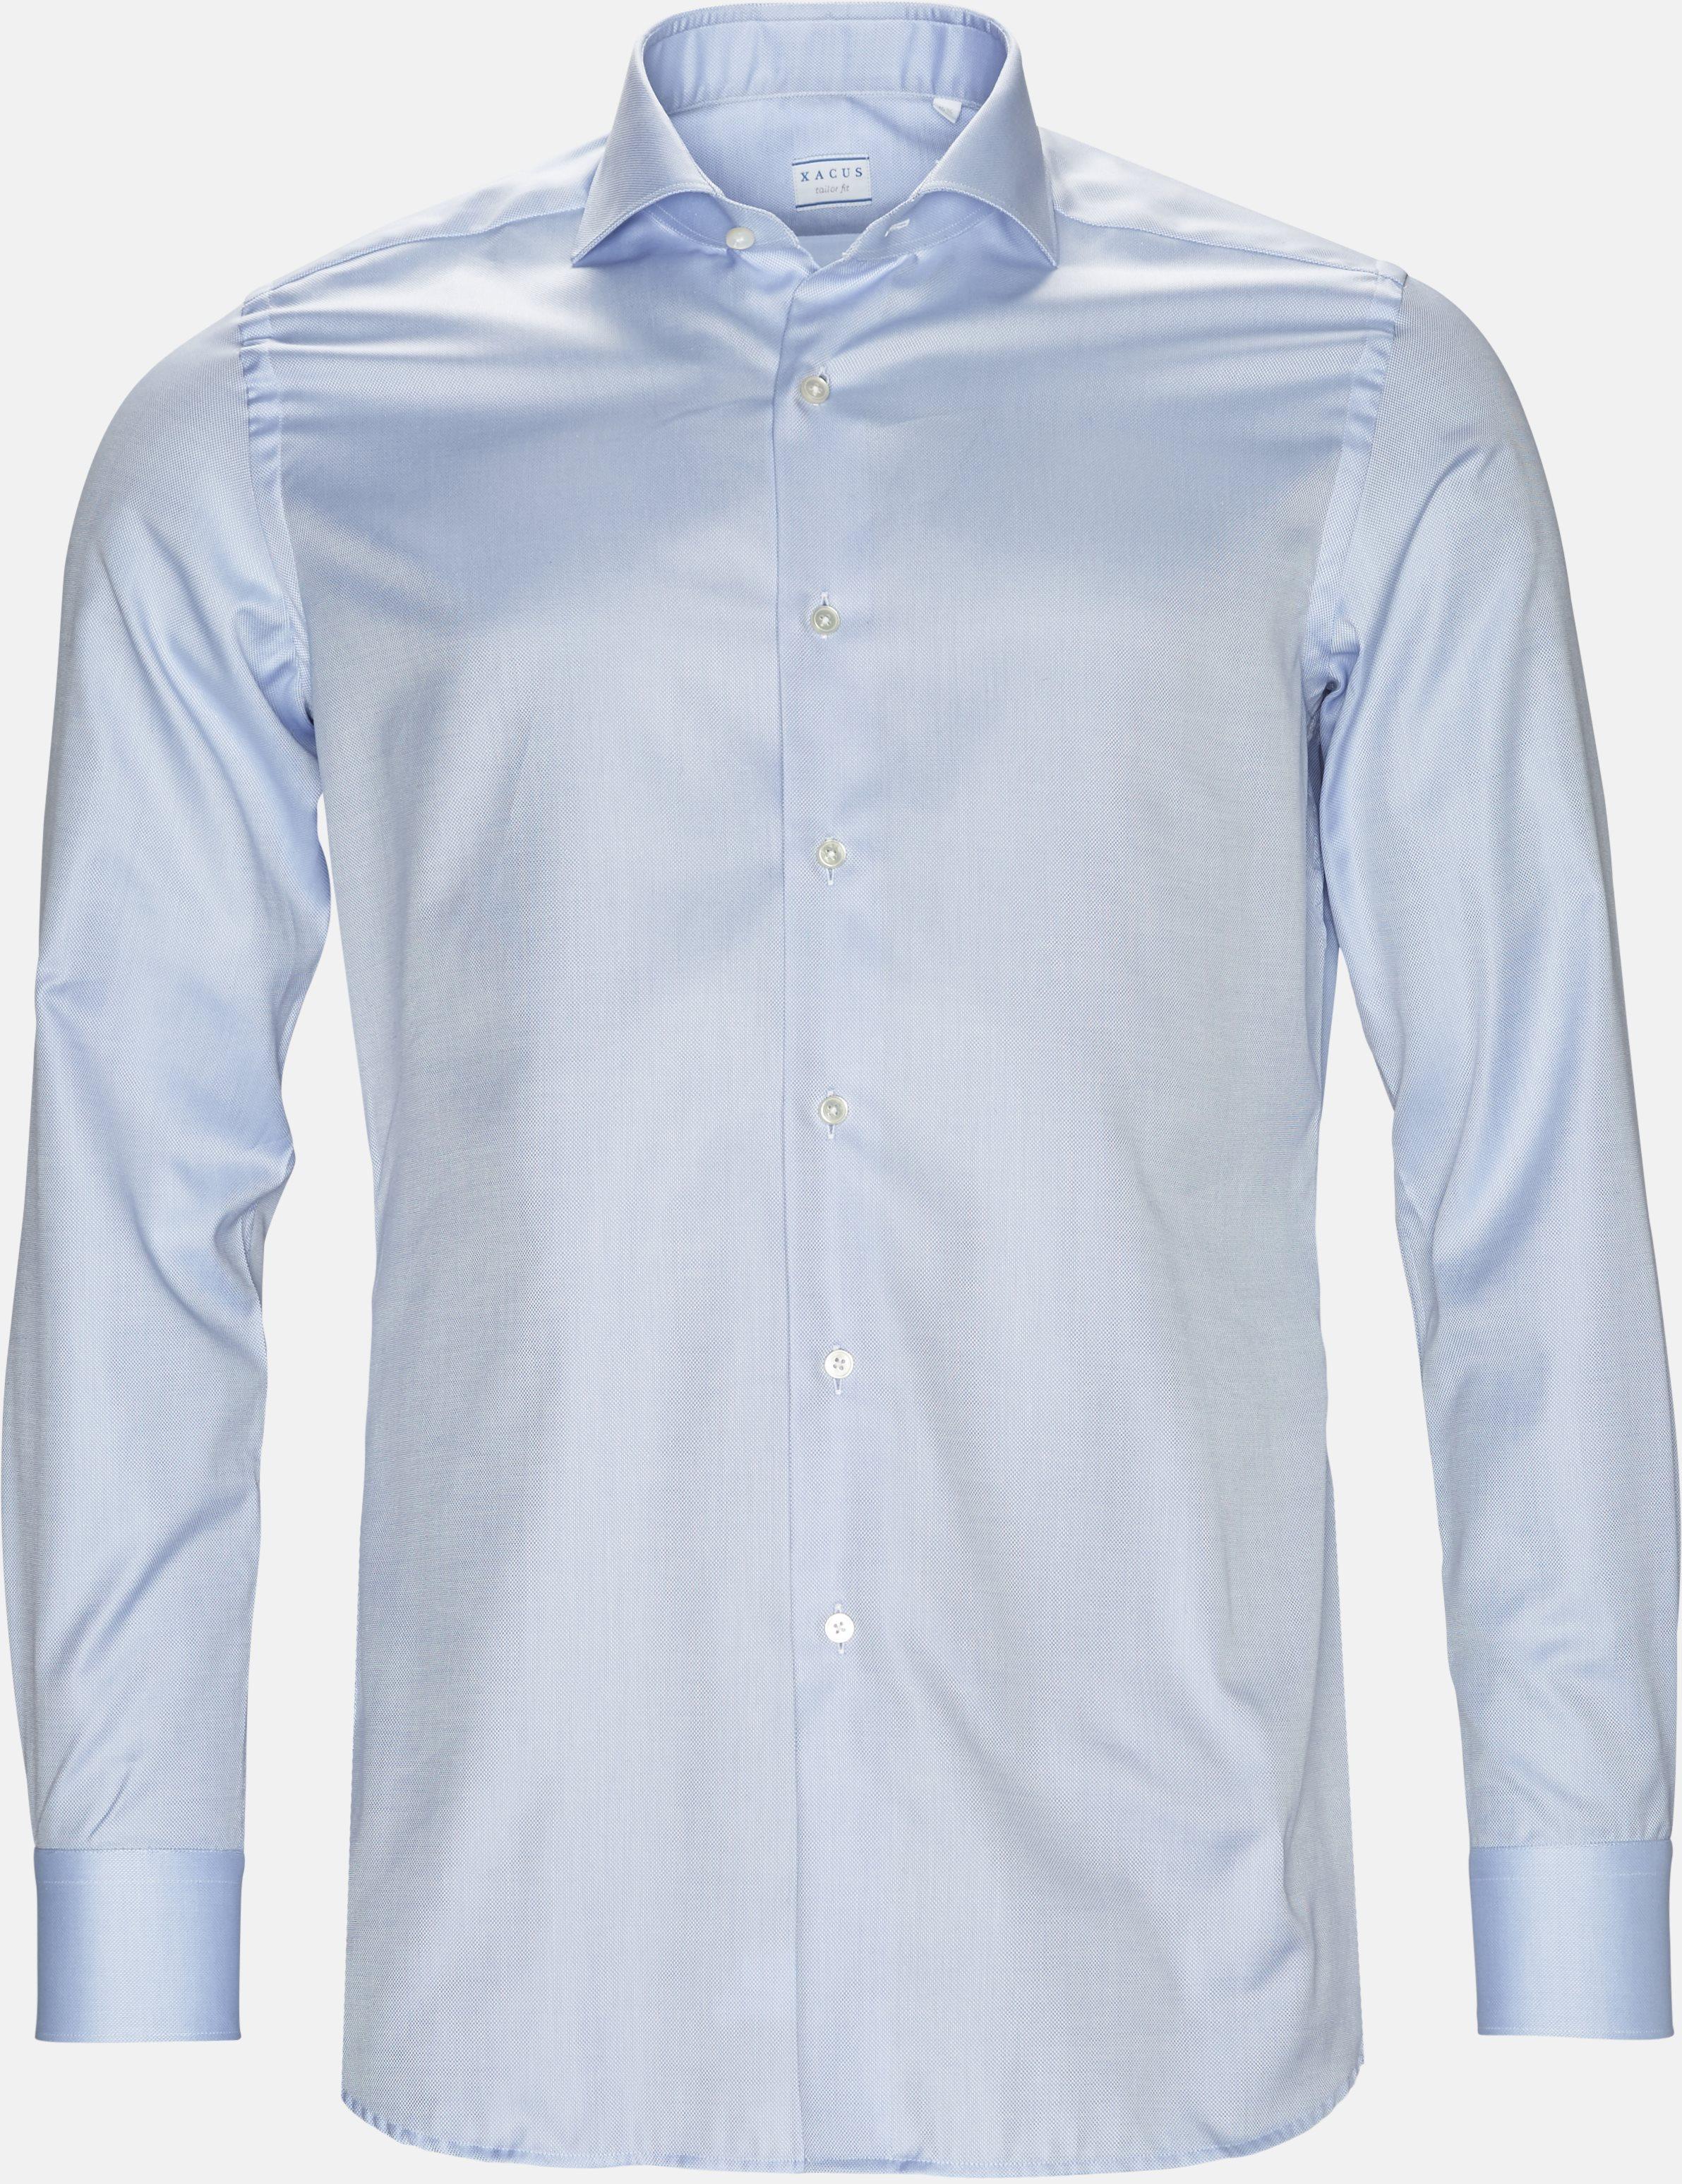 11313 526 skjorte - Skjorter - Tailor - Blå